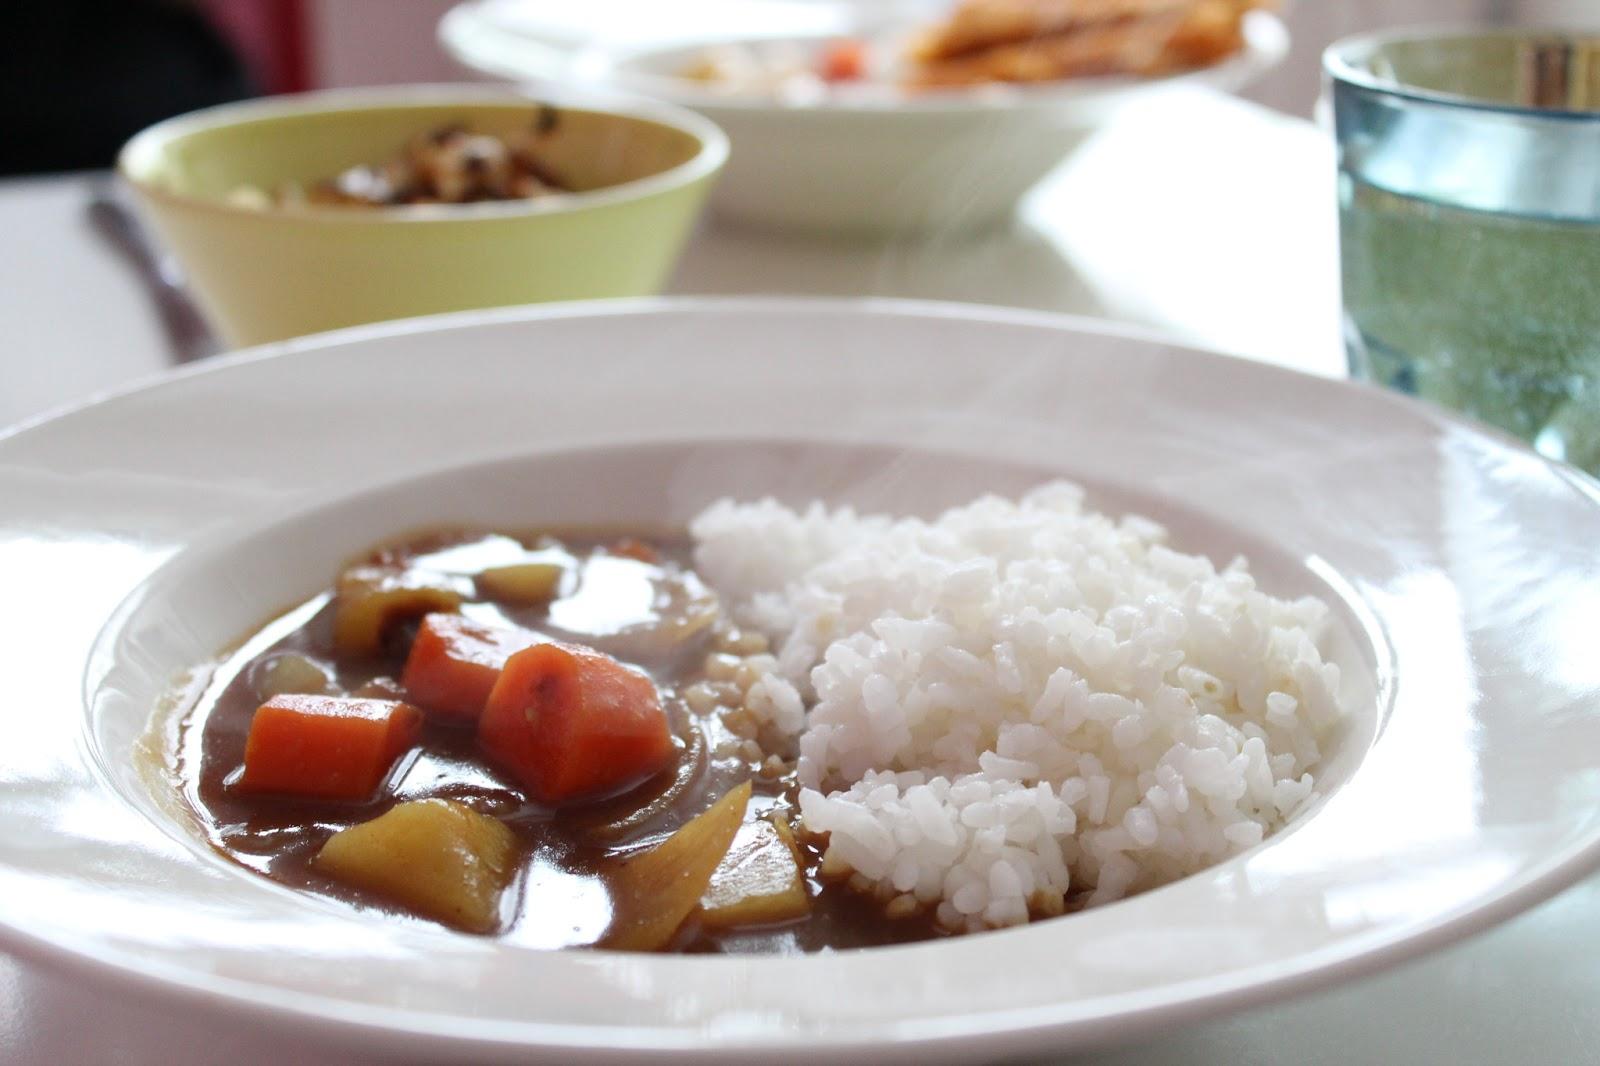 Kitchenfoxtales  Ketunhäntä keittiössä カレーライス ・ Japanilainen curry